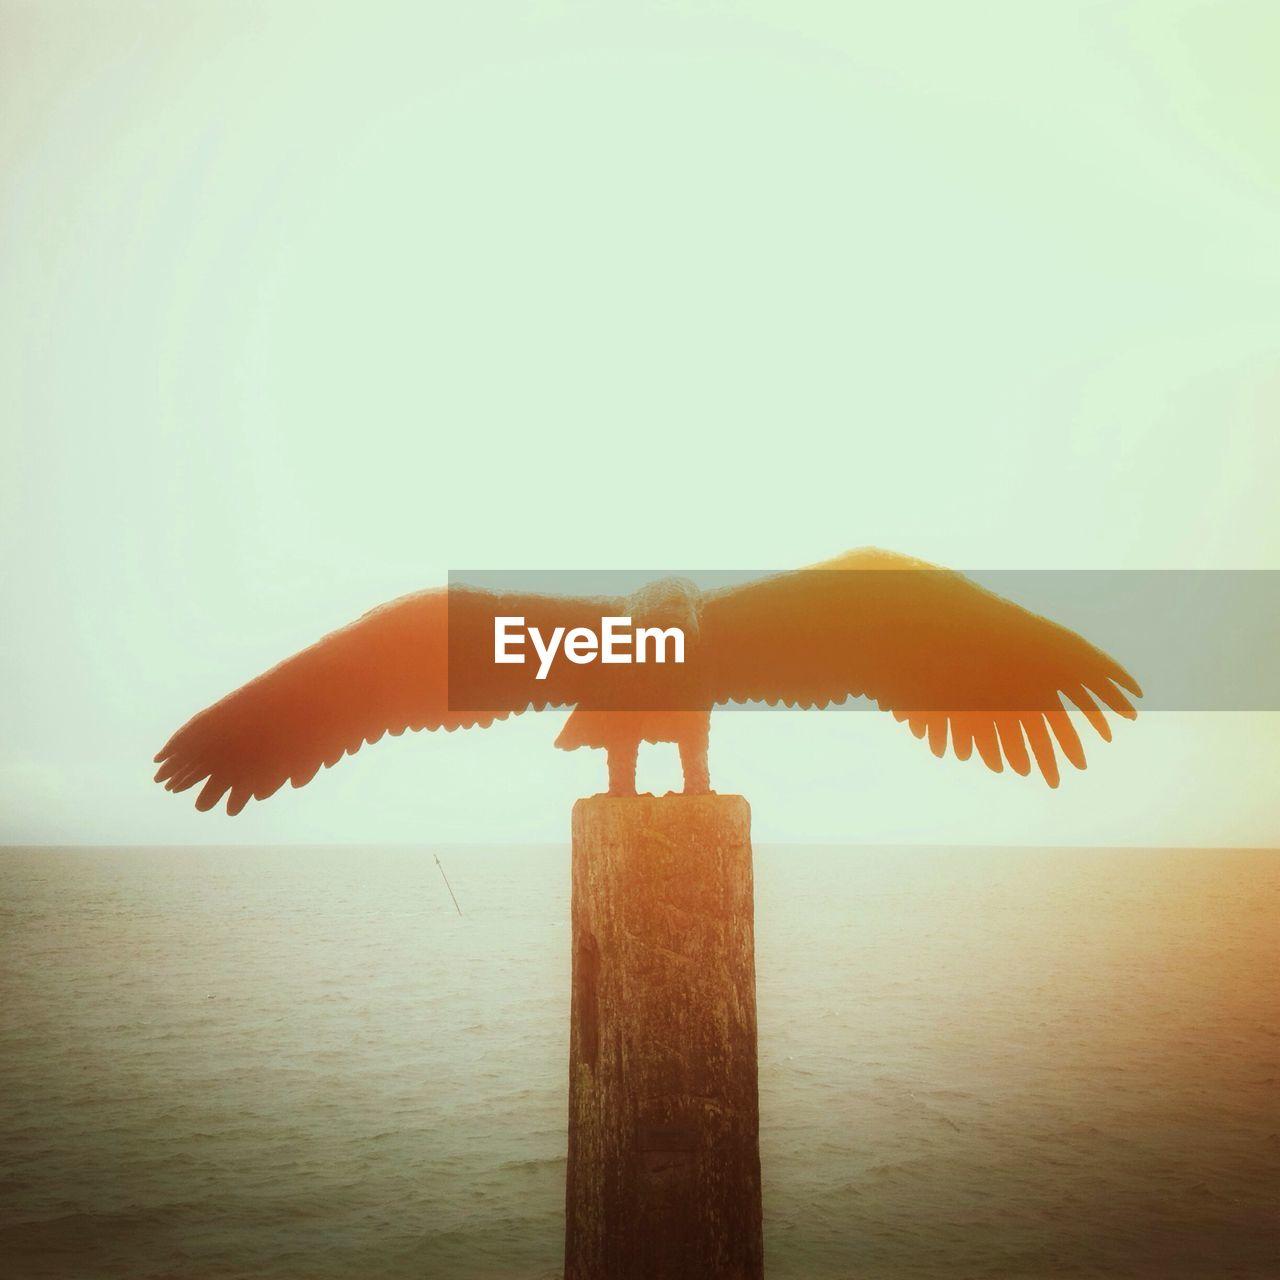 An eagle on a pole